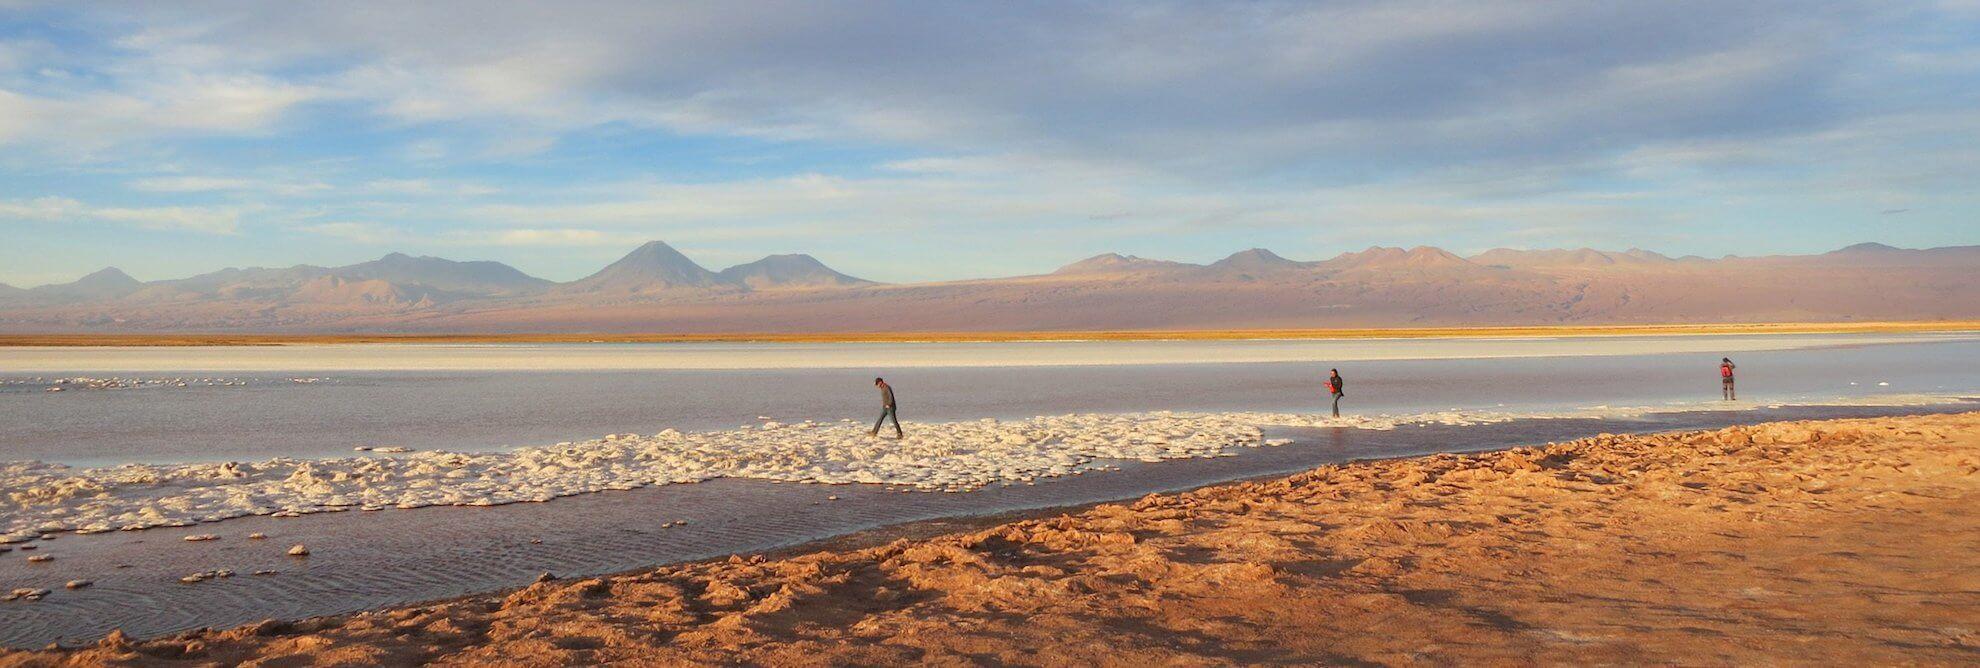 Rundreisen Chile - Salzsee in der Atacama Wüste